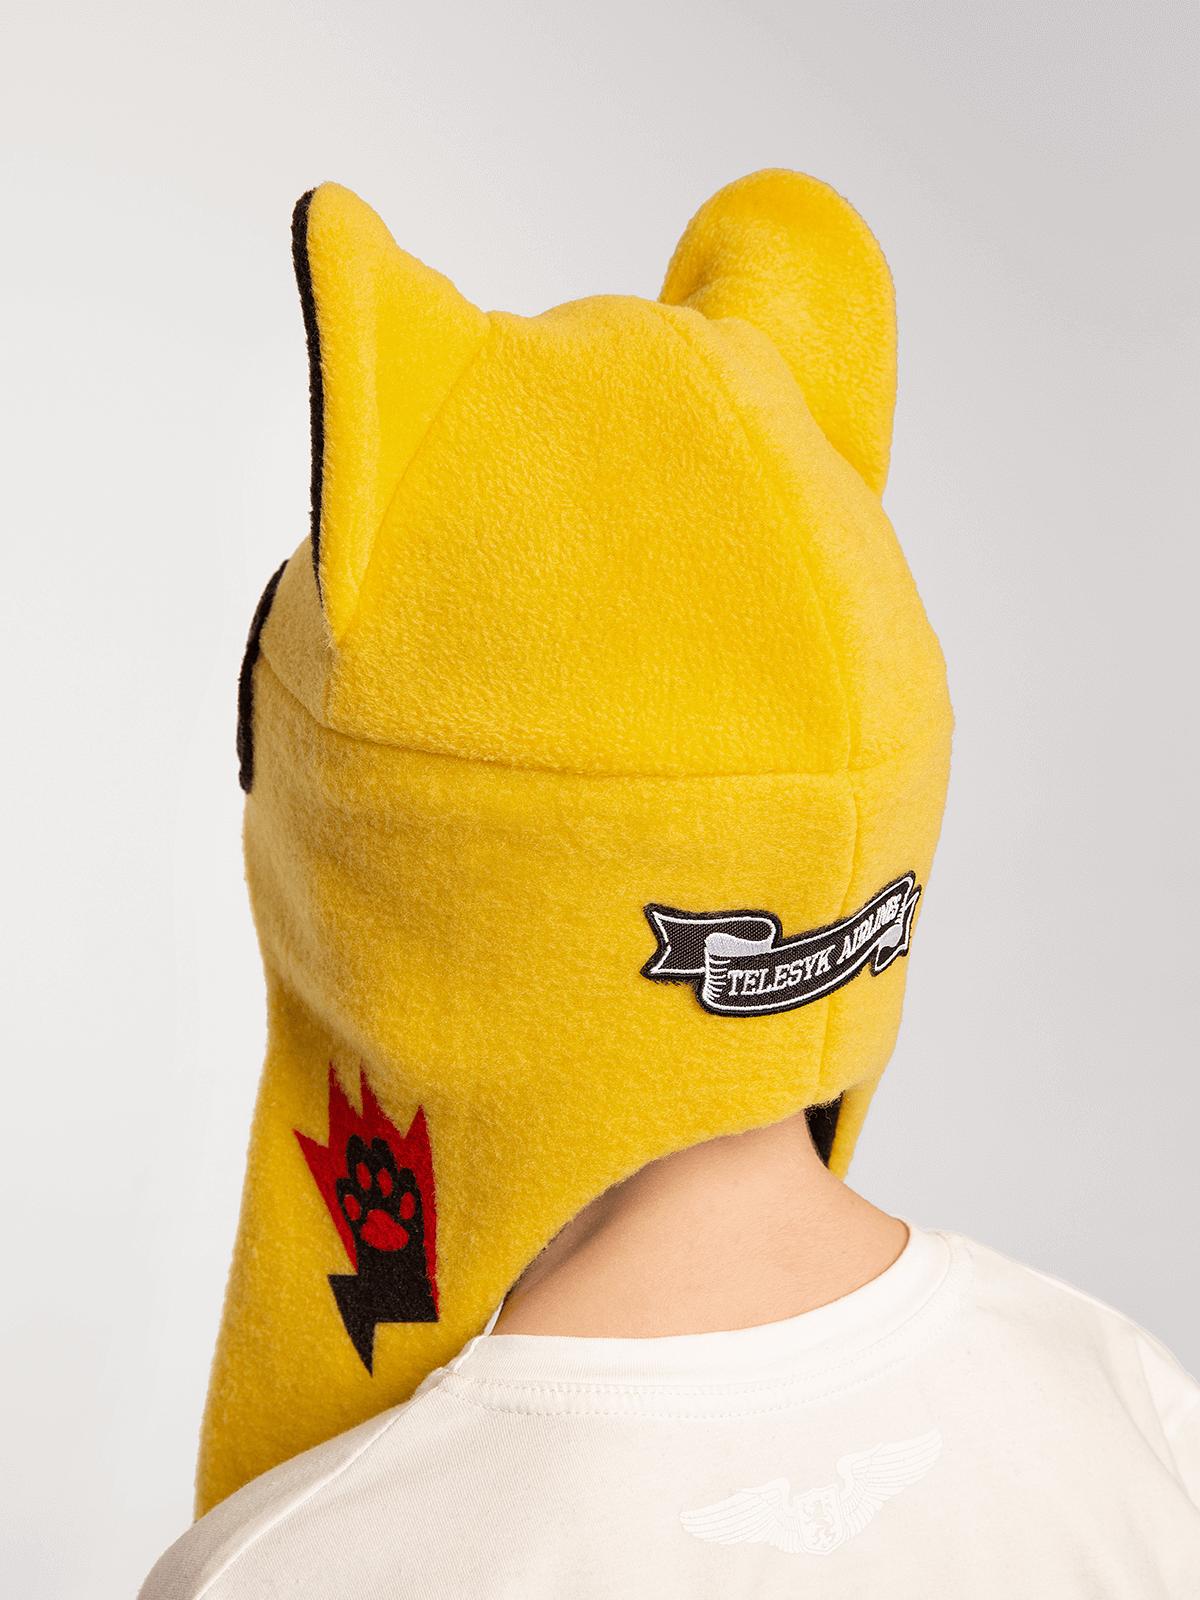 Дитяча Шапка Дикий Кіт. Колір жовтий.  Окружність голови: 50 см Технологія нанесення зображень: нашивки, шовкодрук.